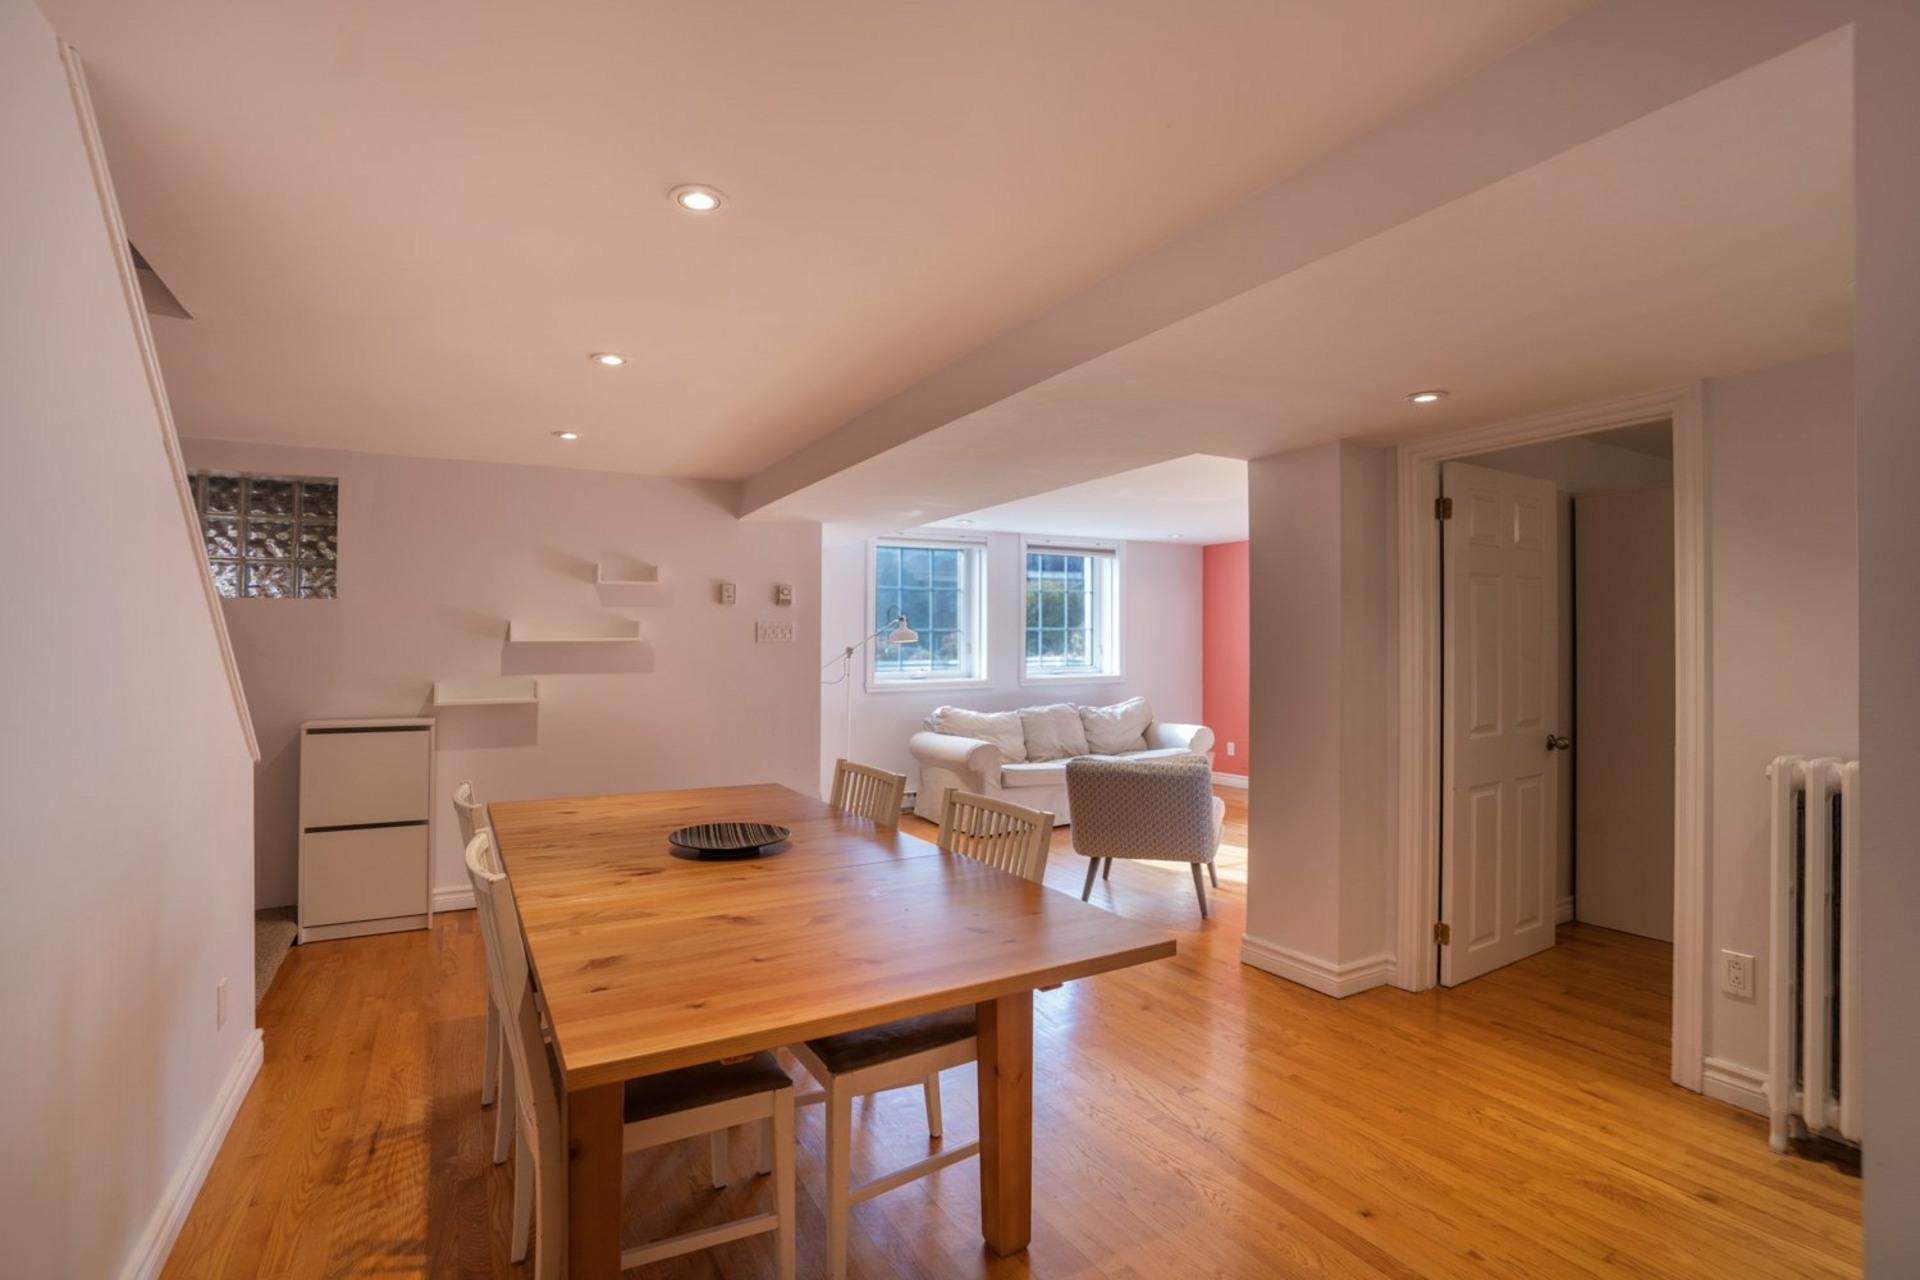 image 10 - Appartement À vendre Côte-des-Neiges/Notre-Dame-de-Grâce Montréal  - 4 pièces